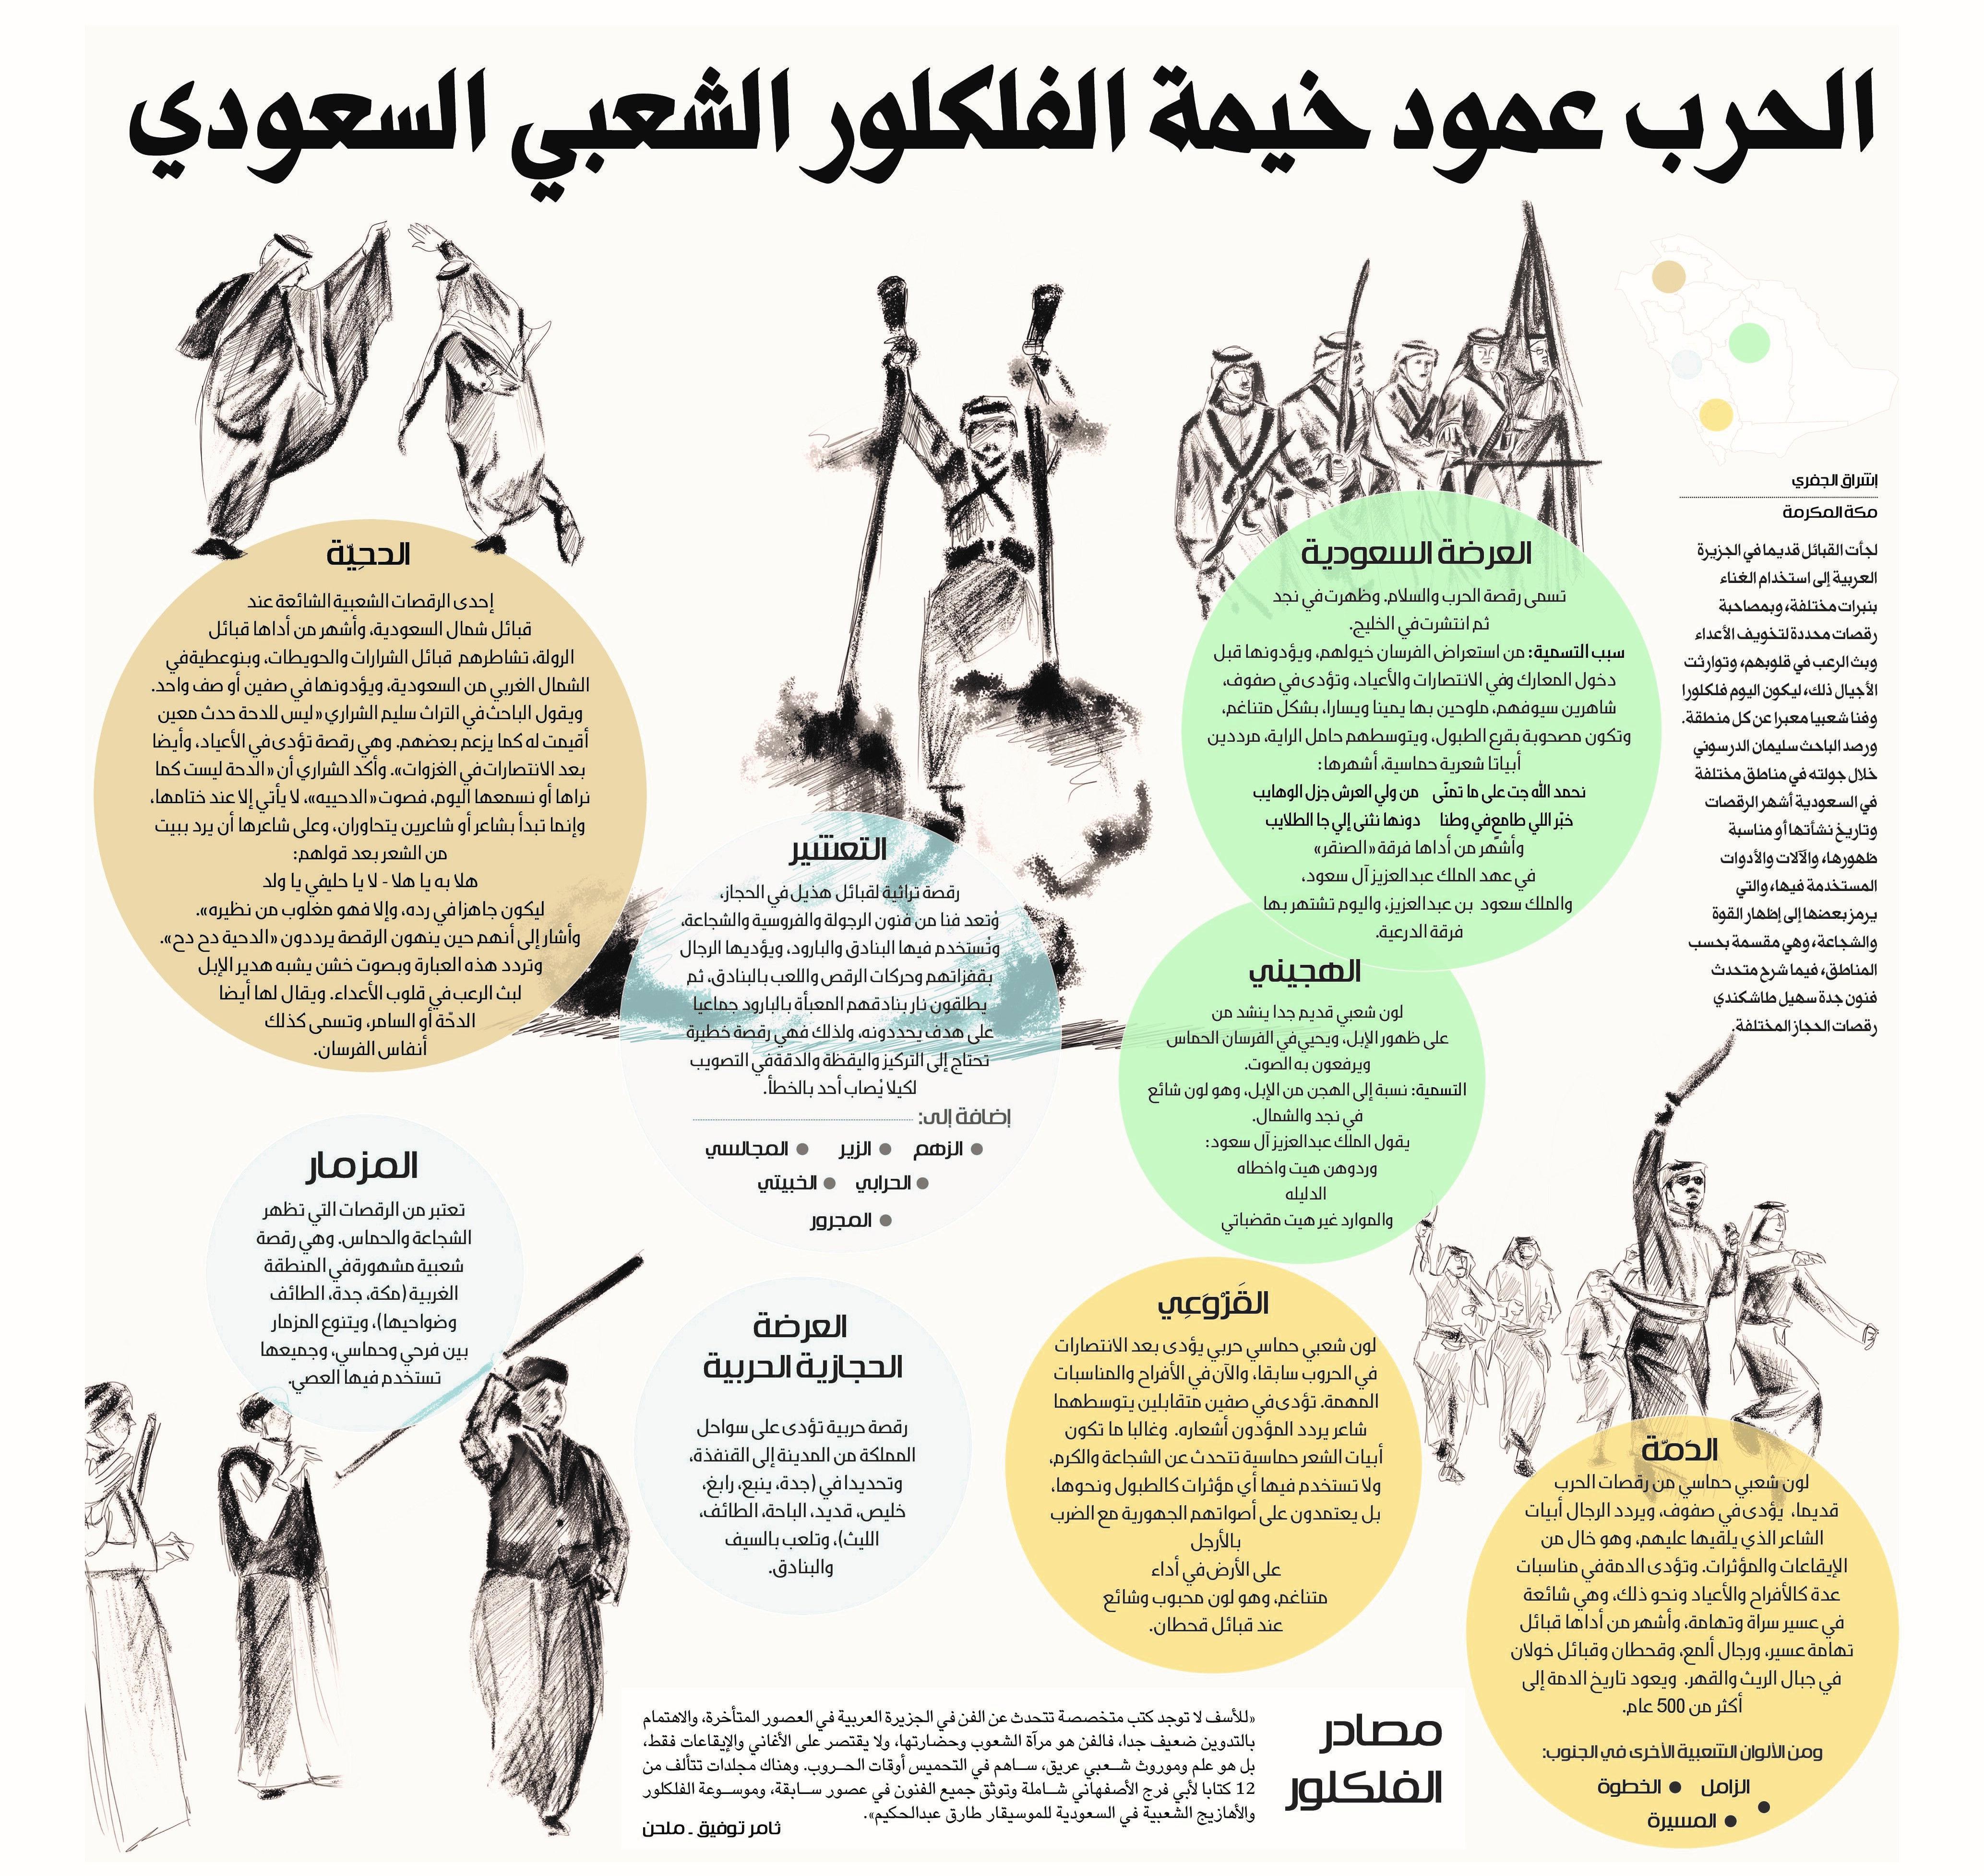 الحرب عمود خيمة الفلكلور الشعبي السعودي صحيفة مكة انفوجرافيك تقنية Infographic